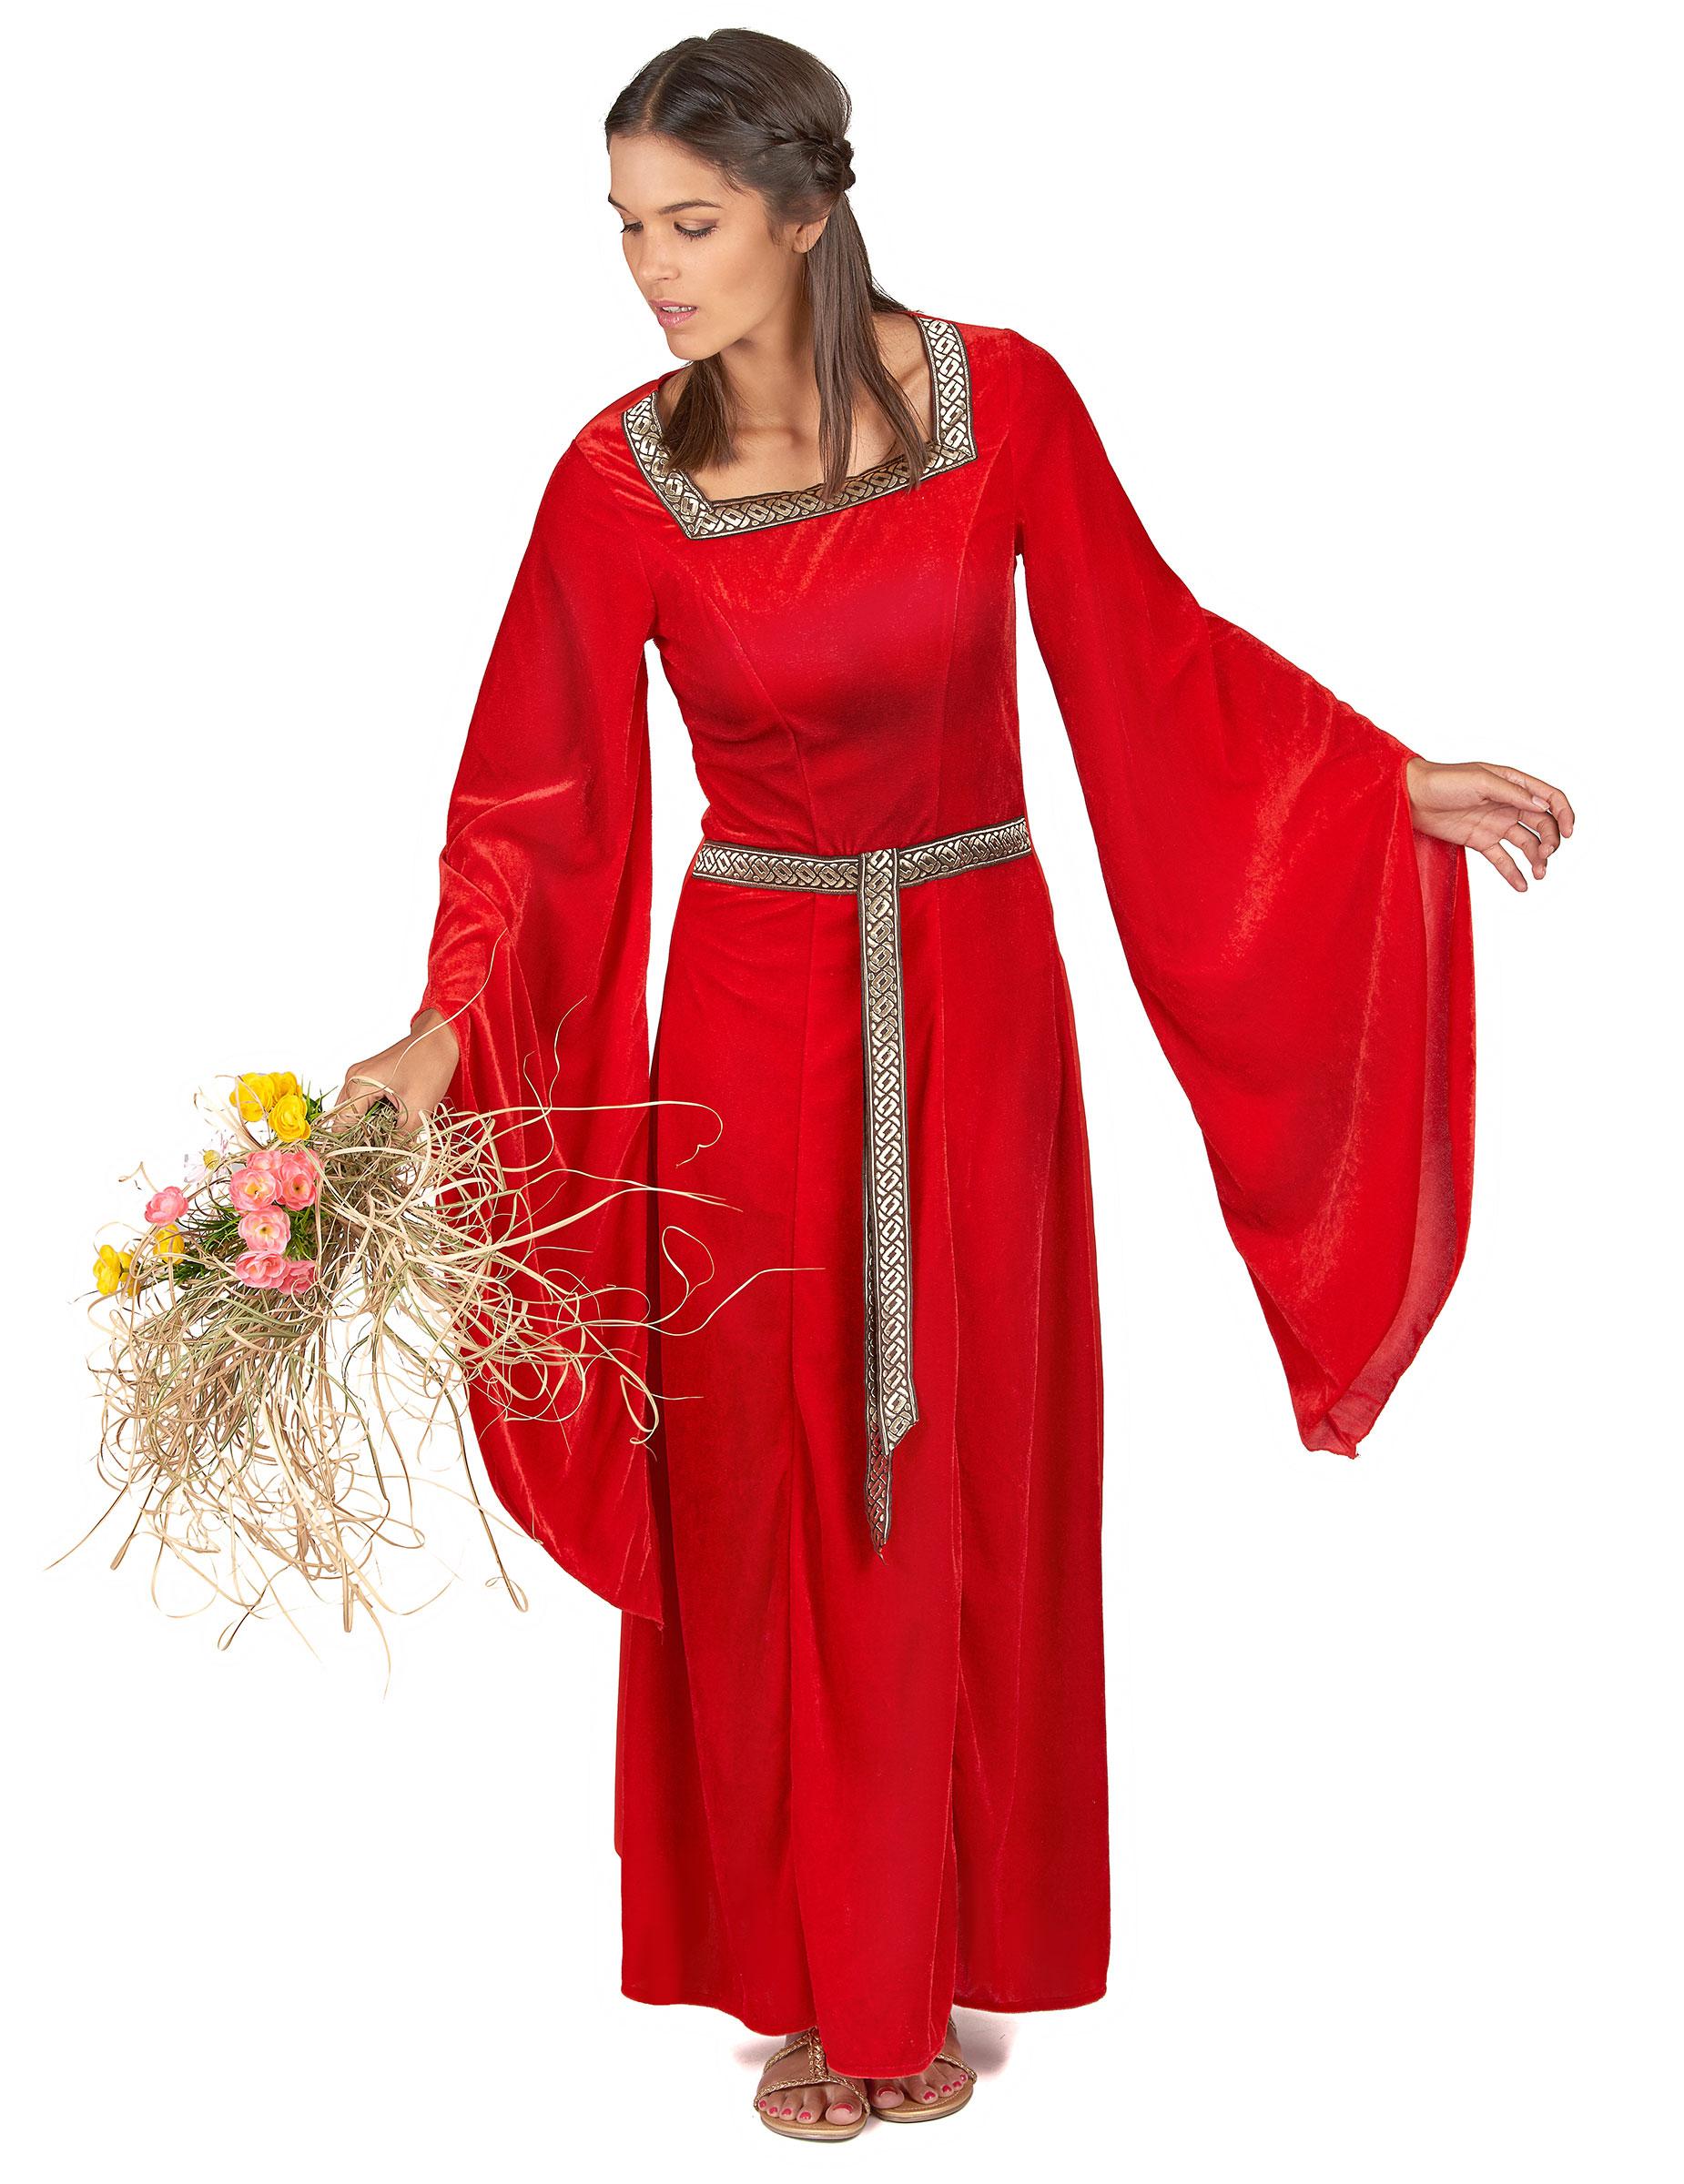 Costume medievale donna di colore rosso  Costumi adulti ac0f18fb671